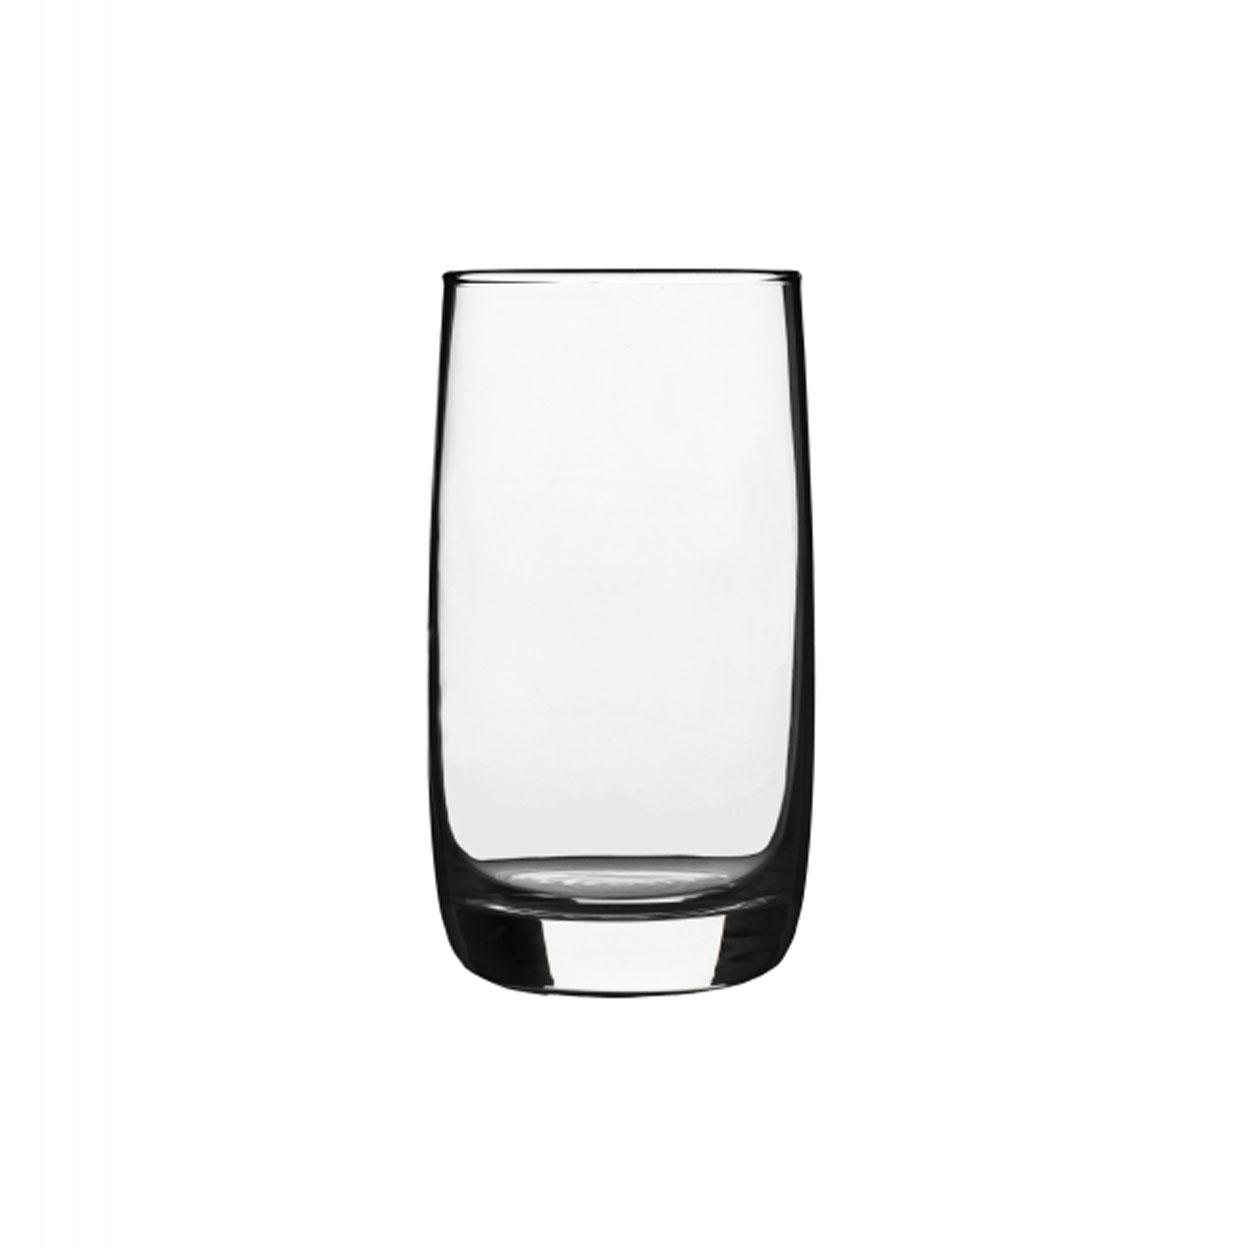 Набор стаканов Французский ресторанчик 6 шт, FH 330 мл H9369H9369